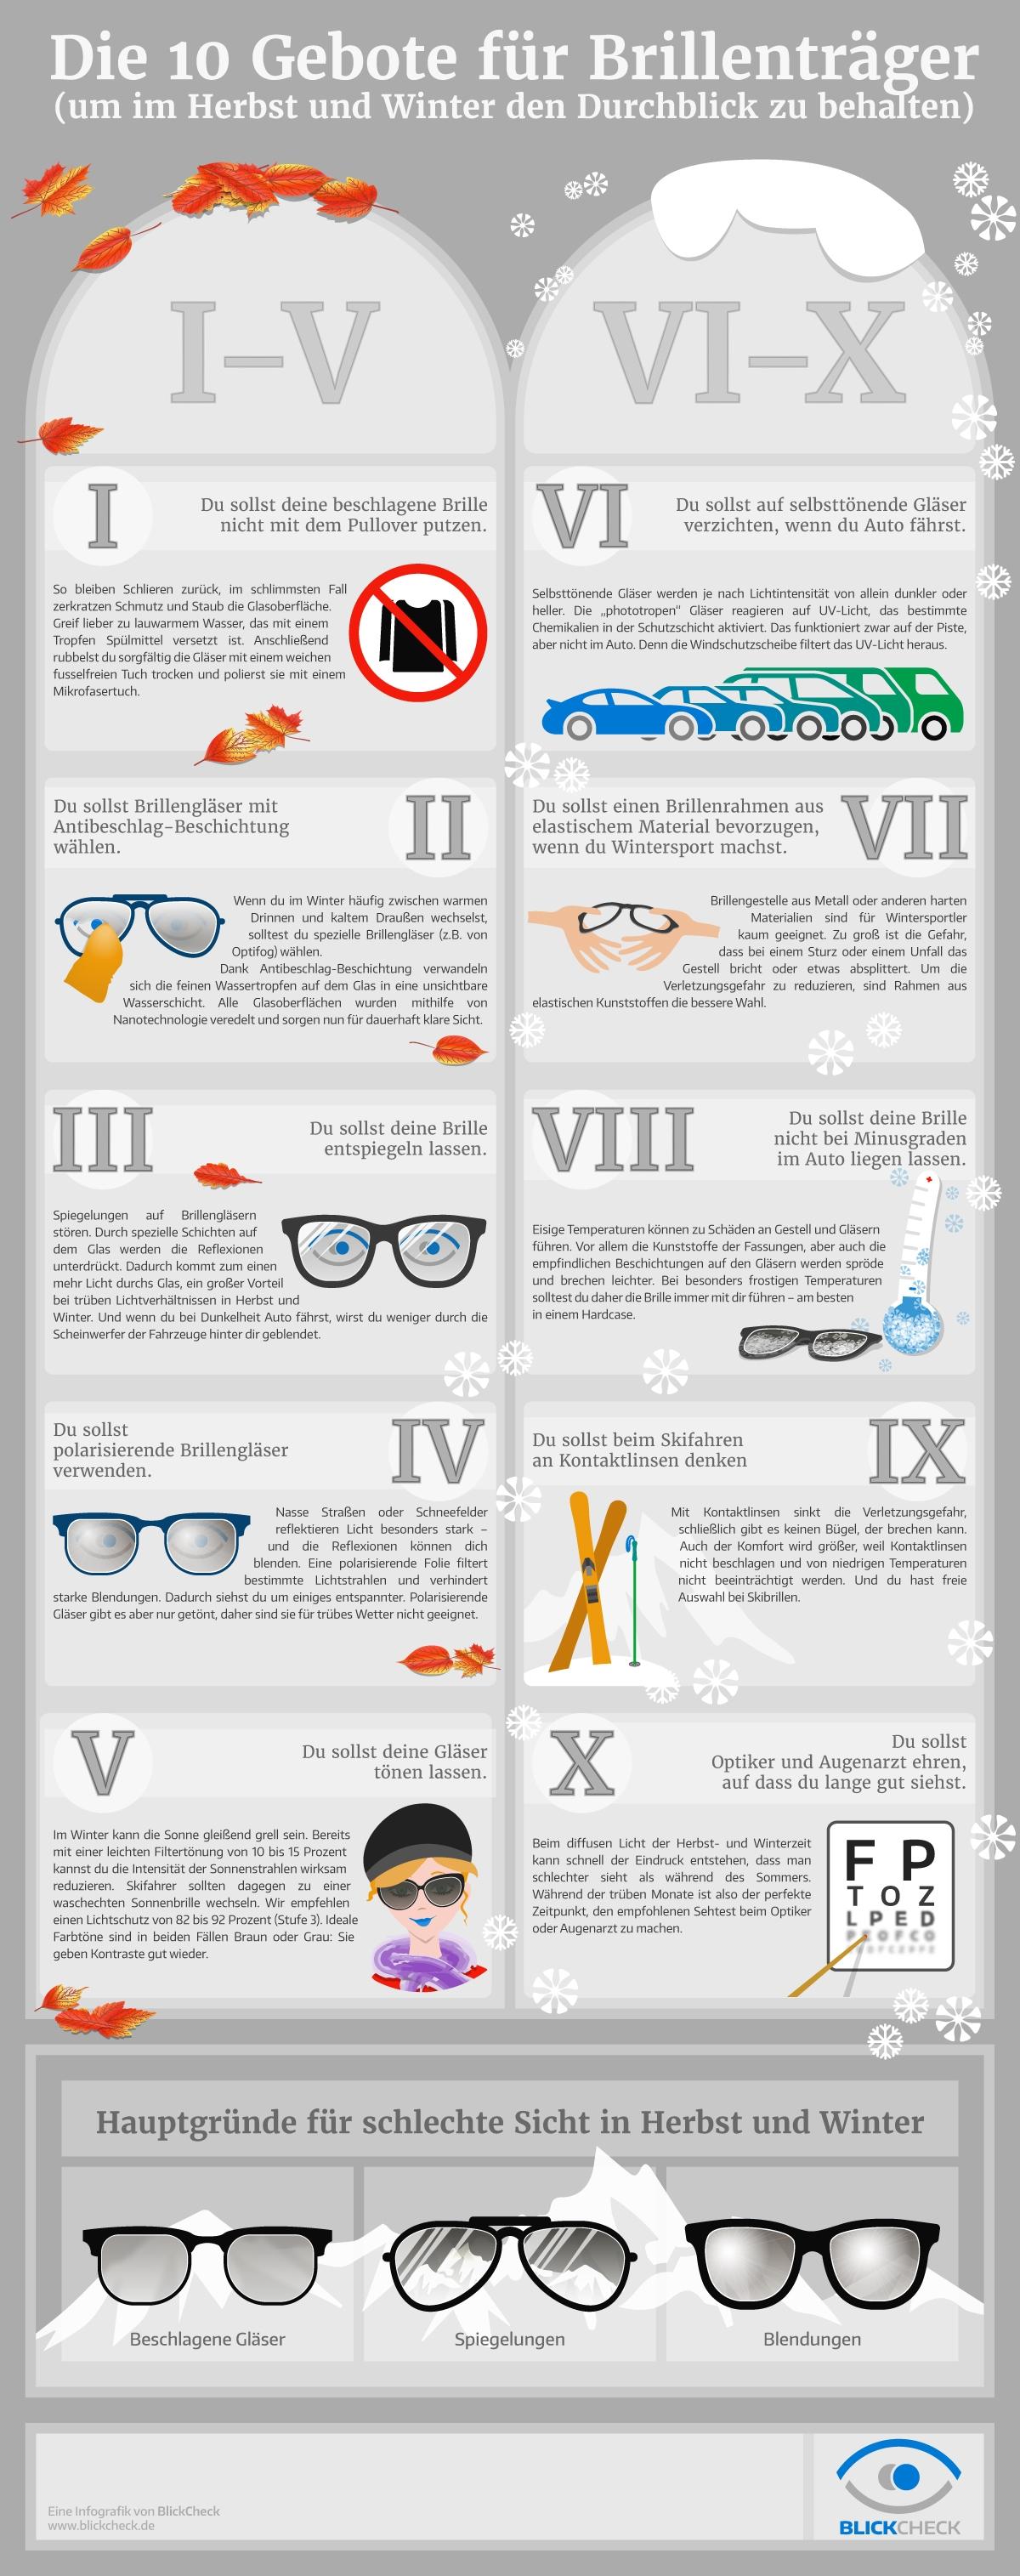 Die Zehn Gebote für Brillenträger in Herbst und Winter